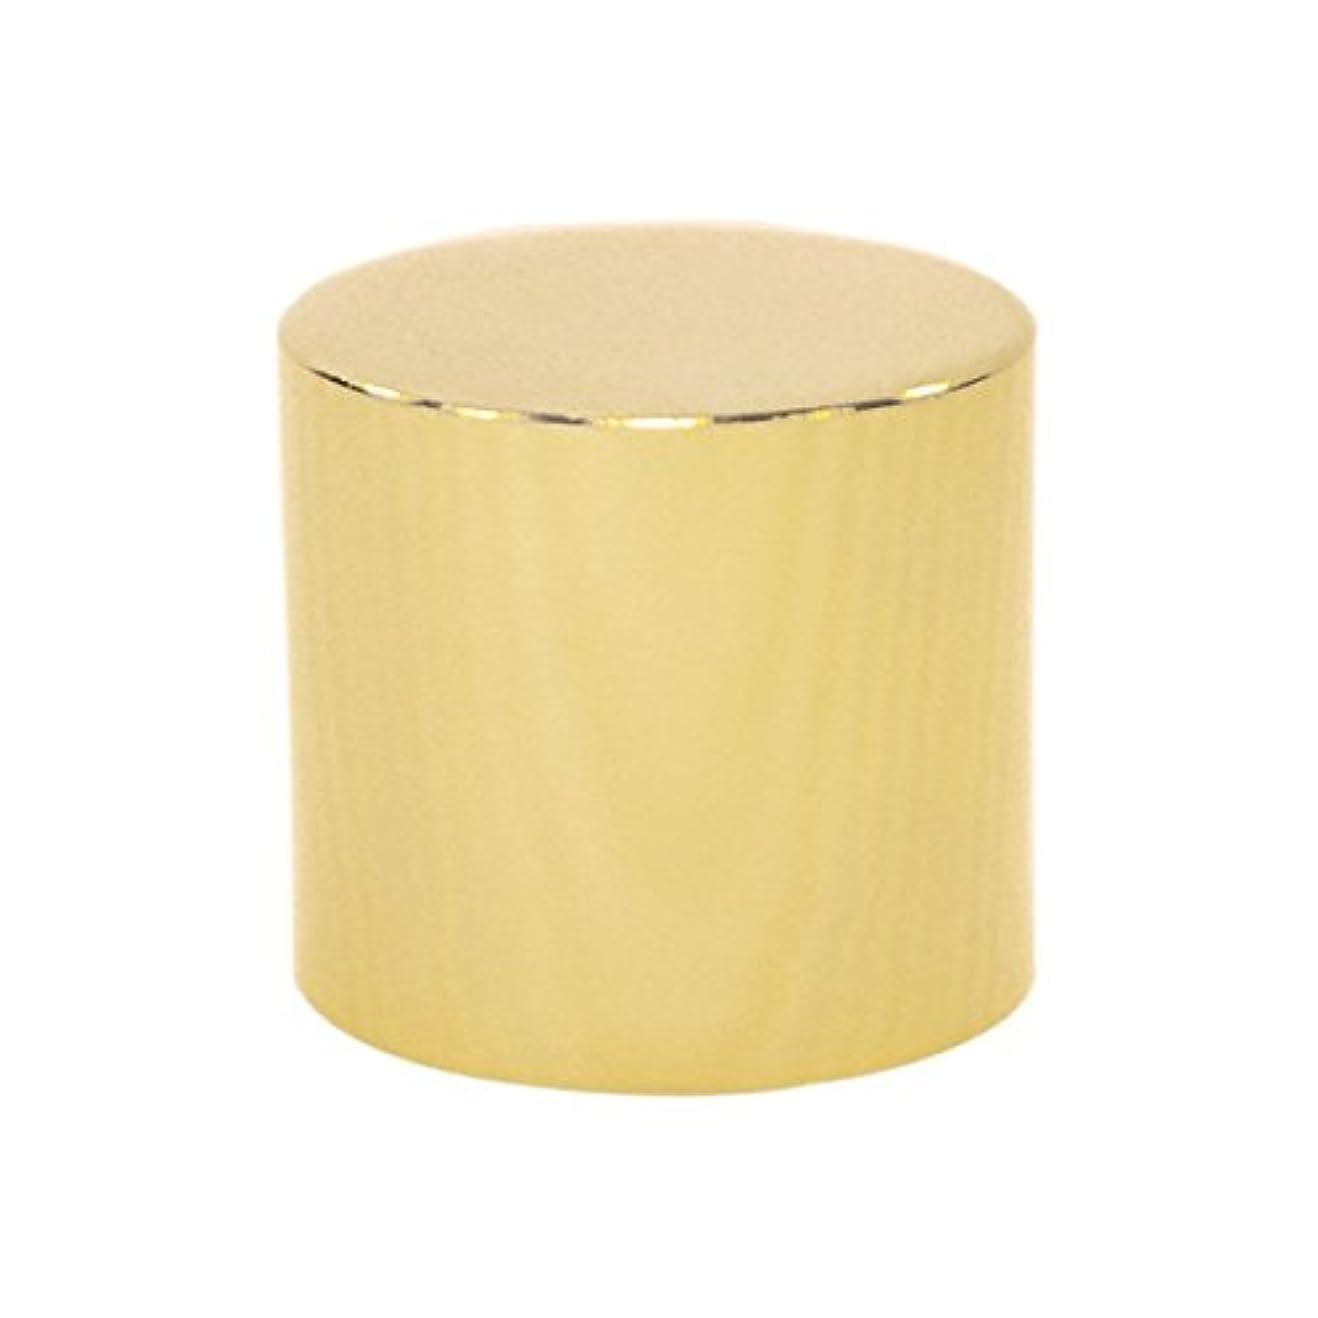 教育レンチ完全にランプベルジェ(LAMPE BERGER)消火キャップ【正規輸入品】密閉蓋ゴールド